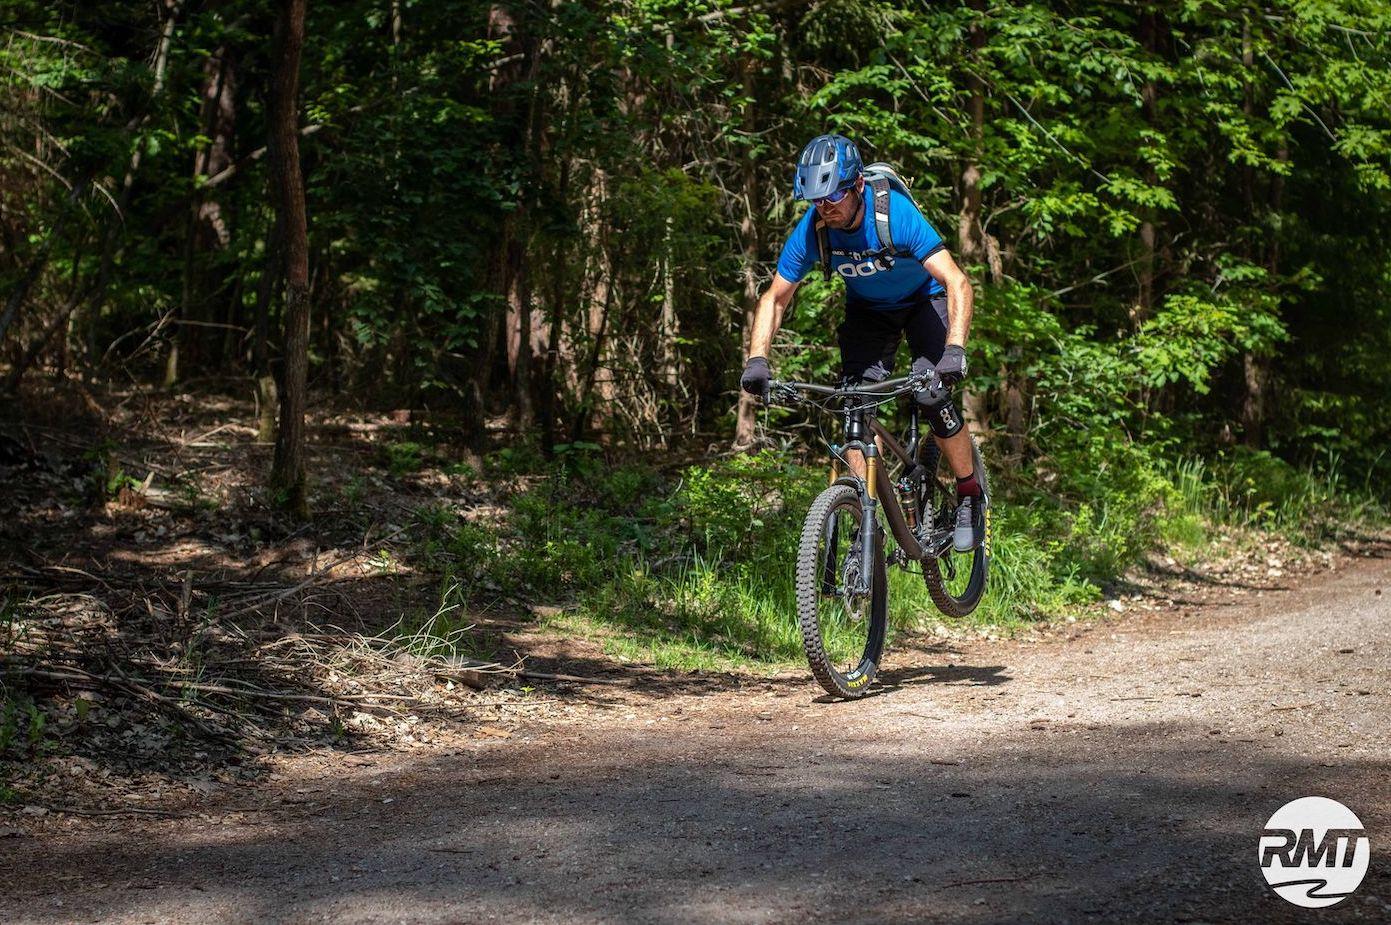 MTB Fahrtechnik Kurs Fortgeschrittene in Witten | Ruhrgebiet - Mountainbike Fortgeschritten - Rock my Trail Bikeschule GmbH